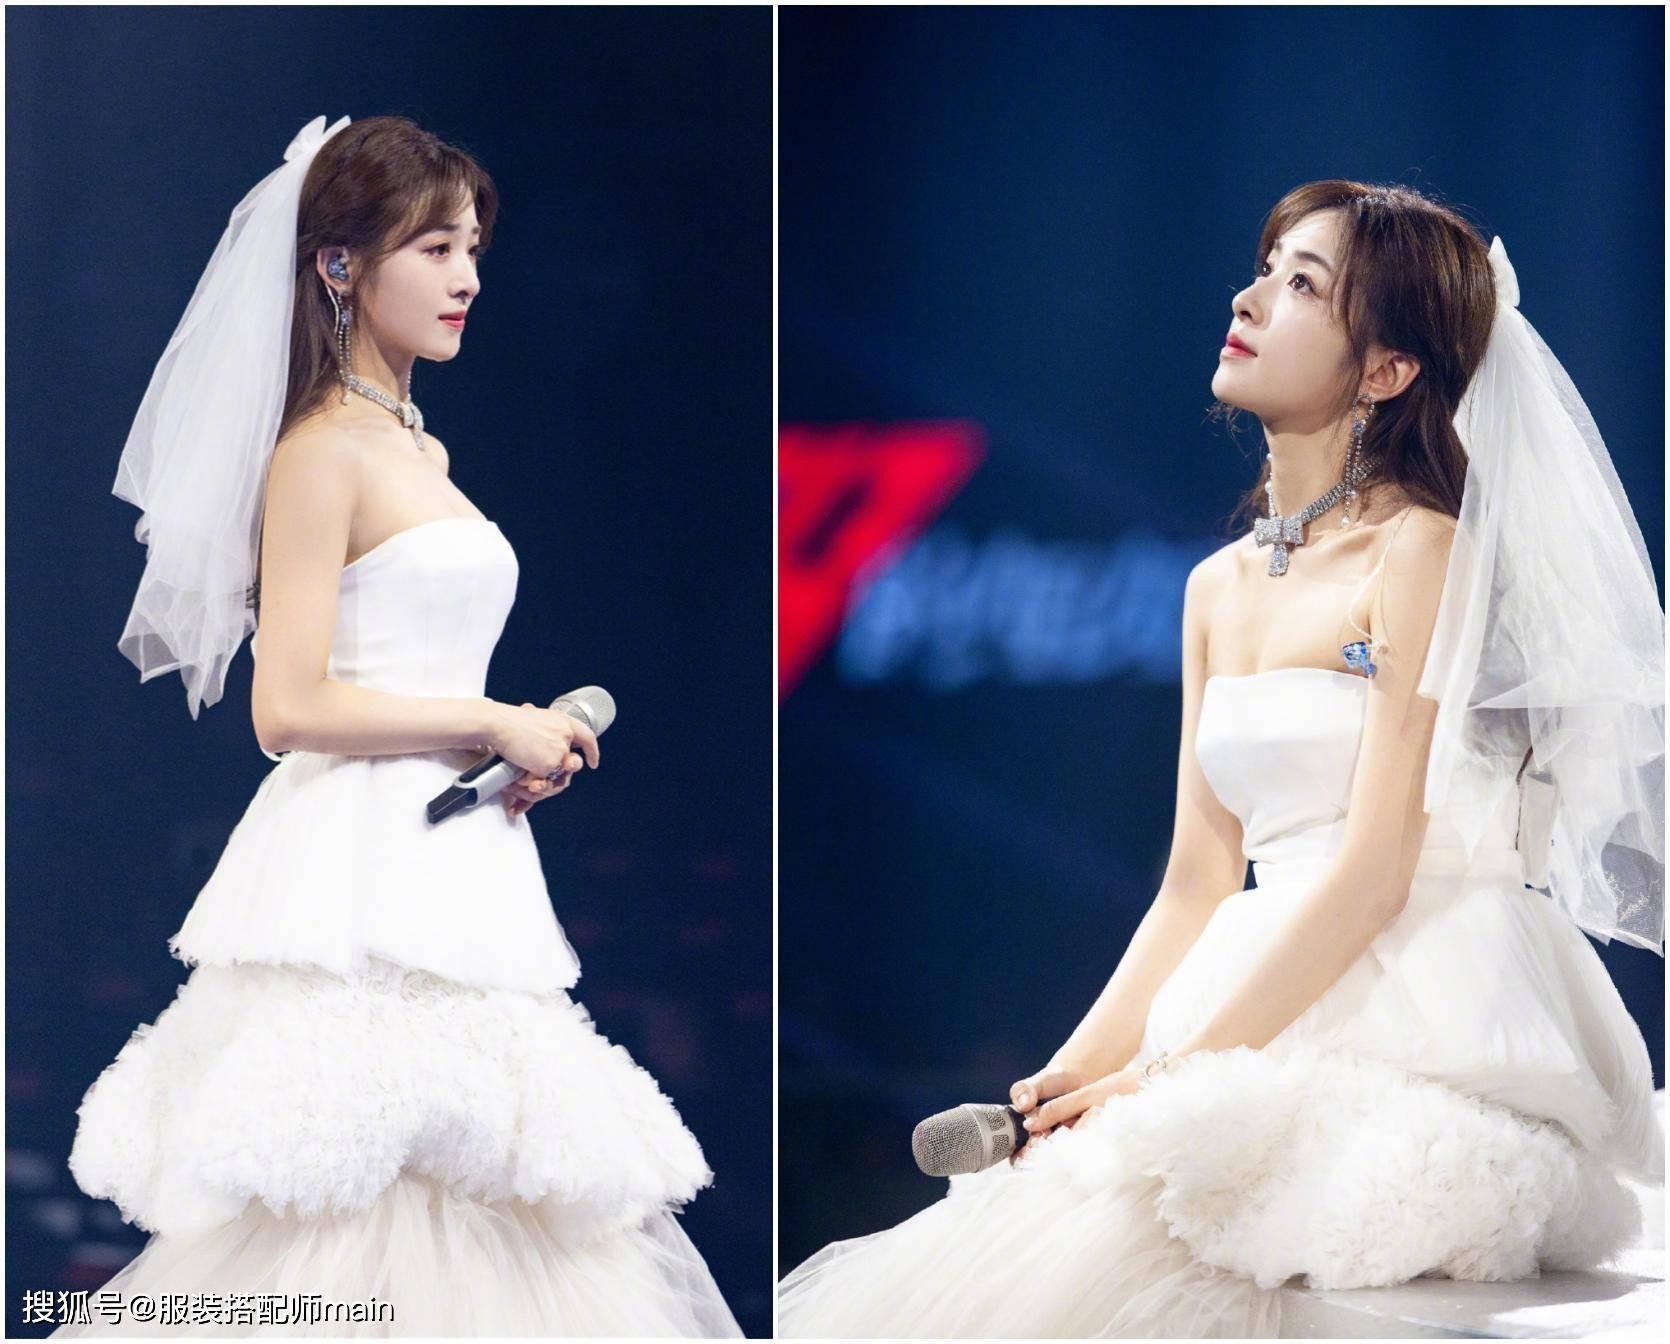 张含韵31岁嫩回18岁,白色衬衫裙搭配格纹马甲,穿对衣服超减龄